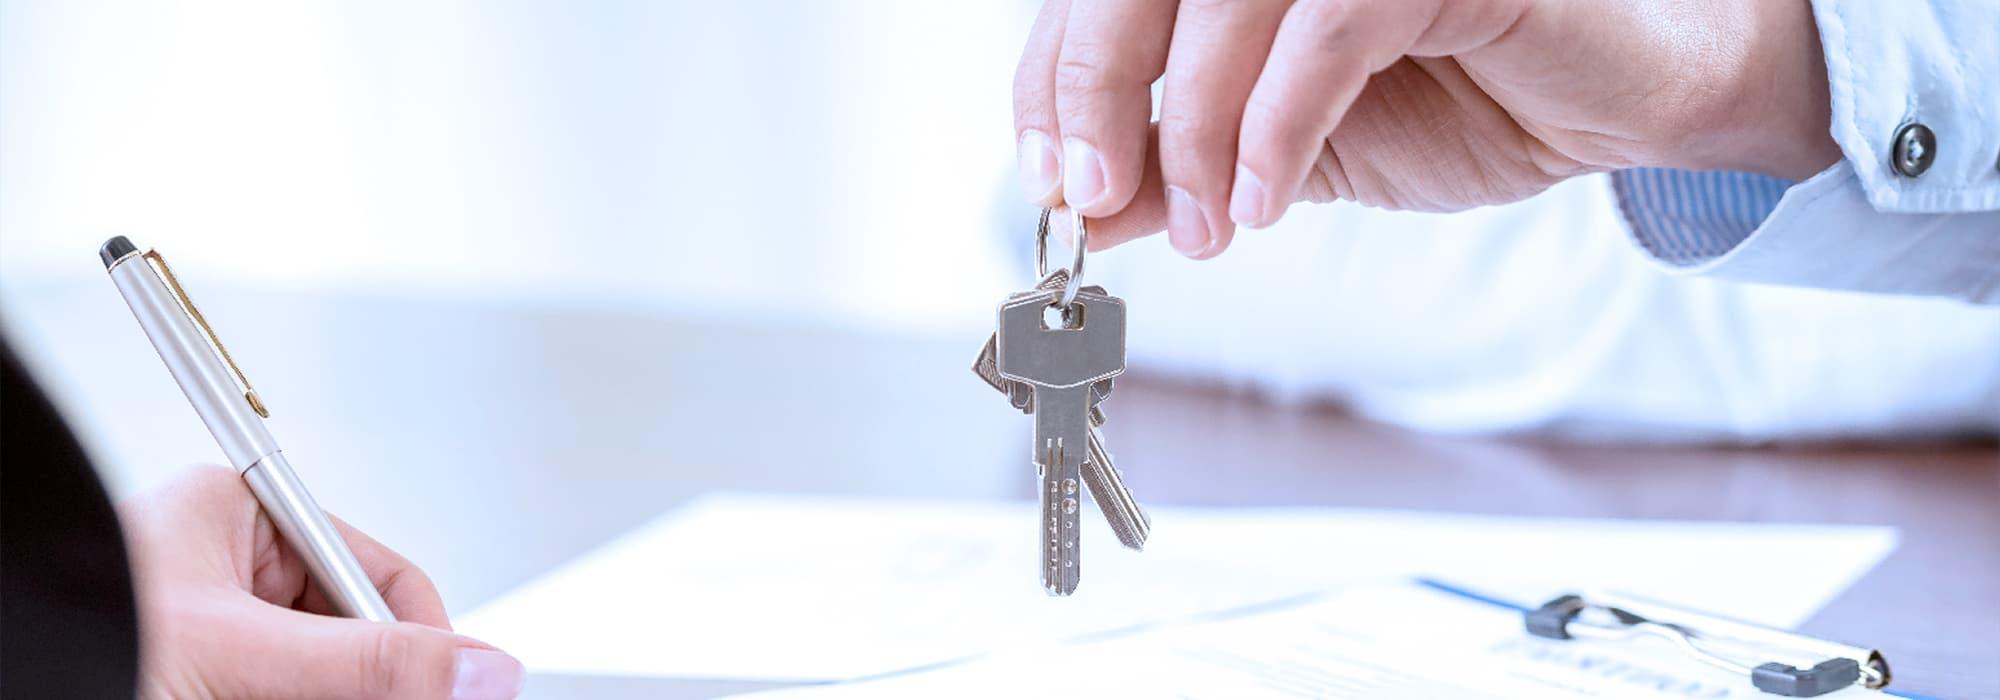 Solus'Gestion - Partenaire Gestion Locative des agences immobilières - Facilitez-vous la gestion locative